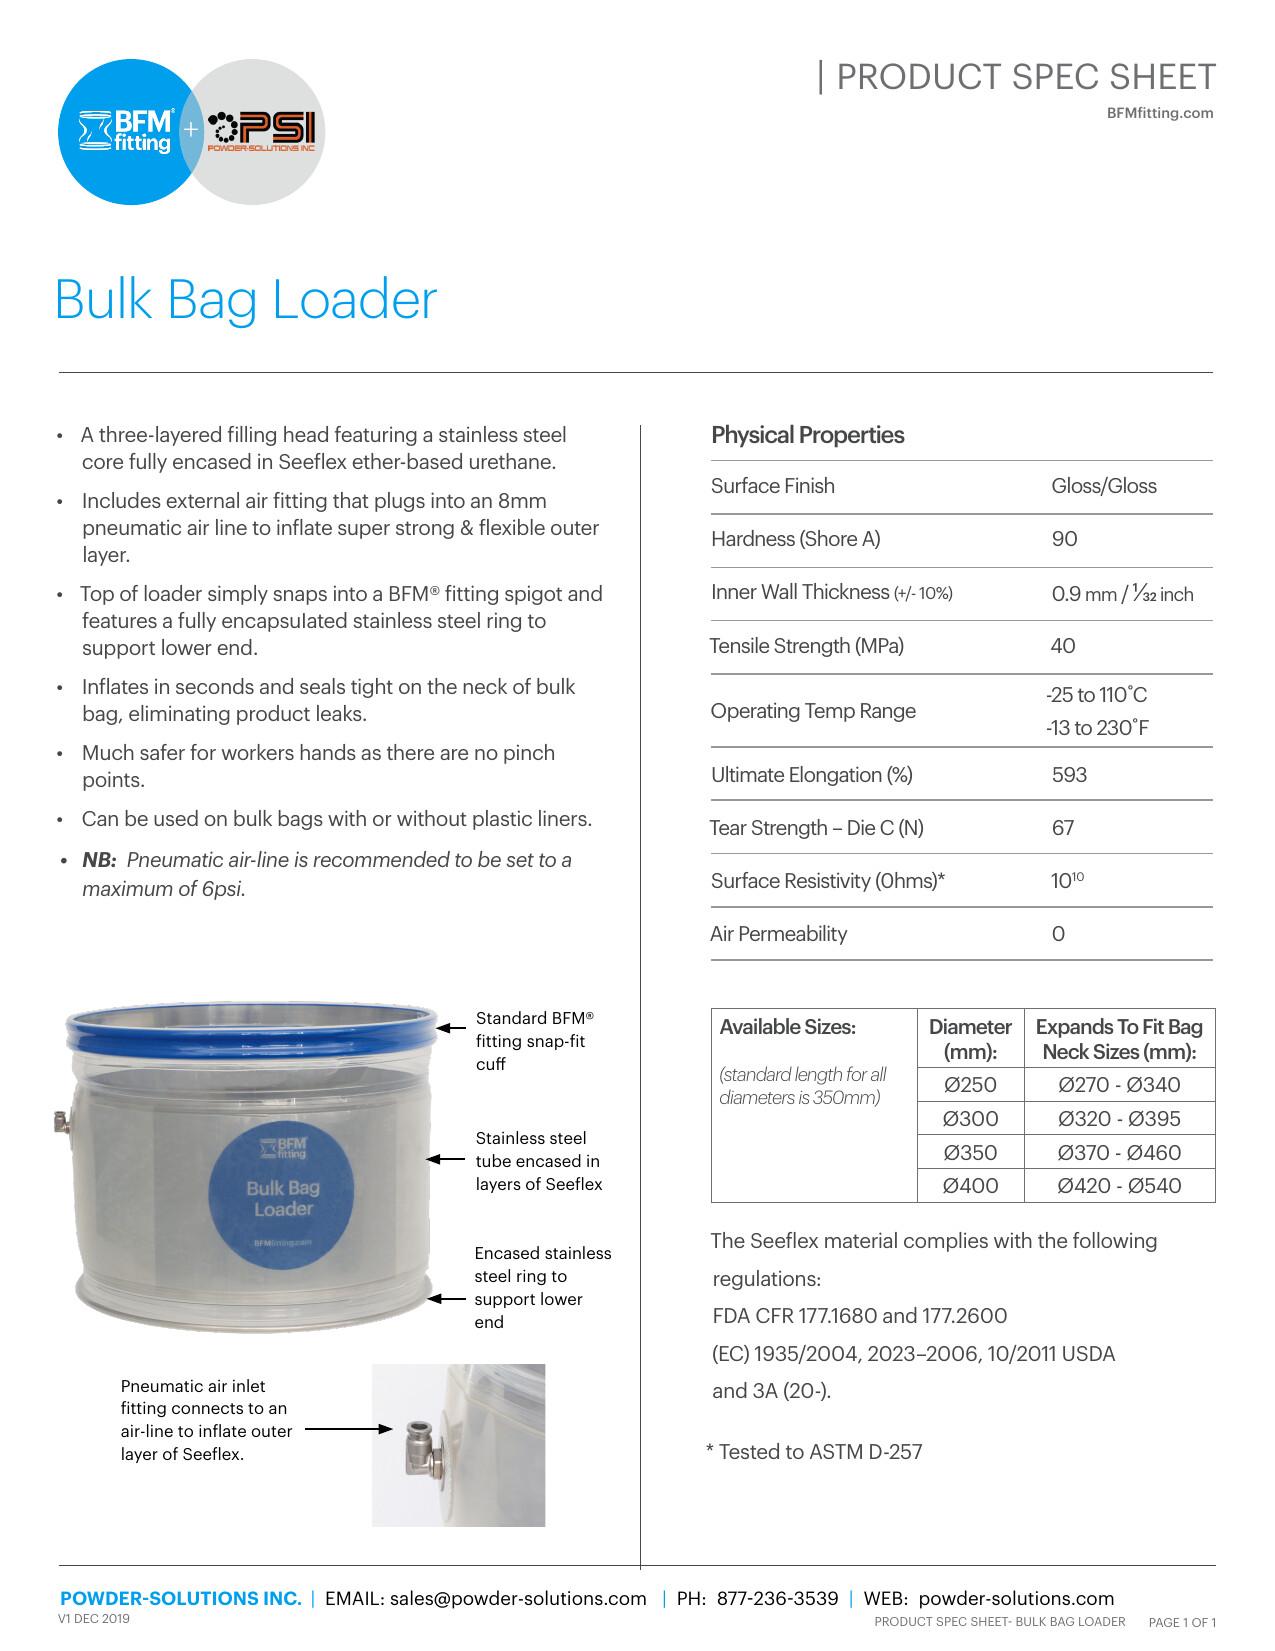 PSI BFM Limitations - Product Spec Sheet - Bulk Bag Loader V1 Dec 2019 USA SIZE